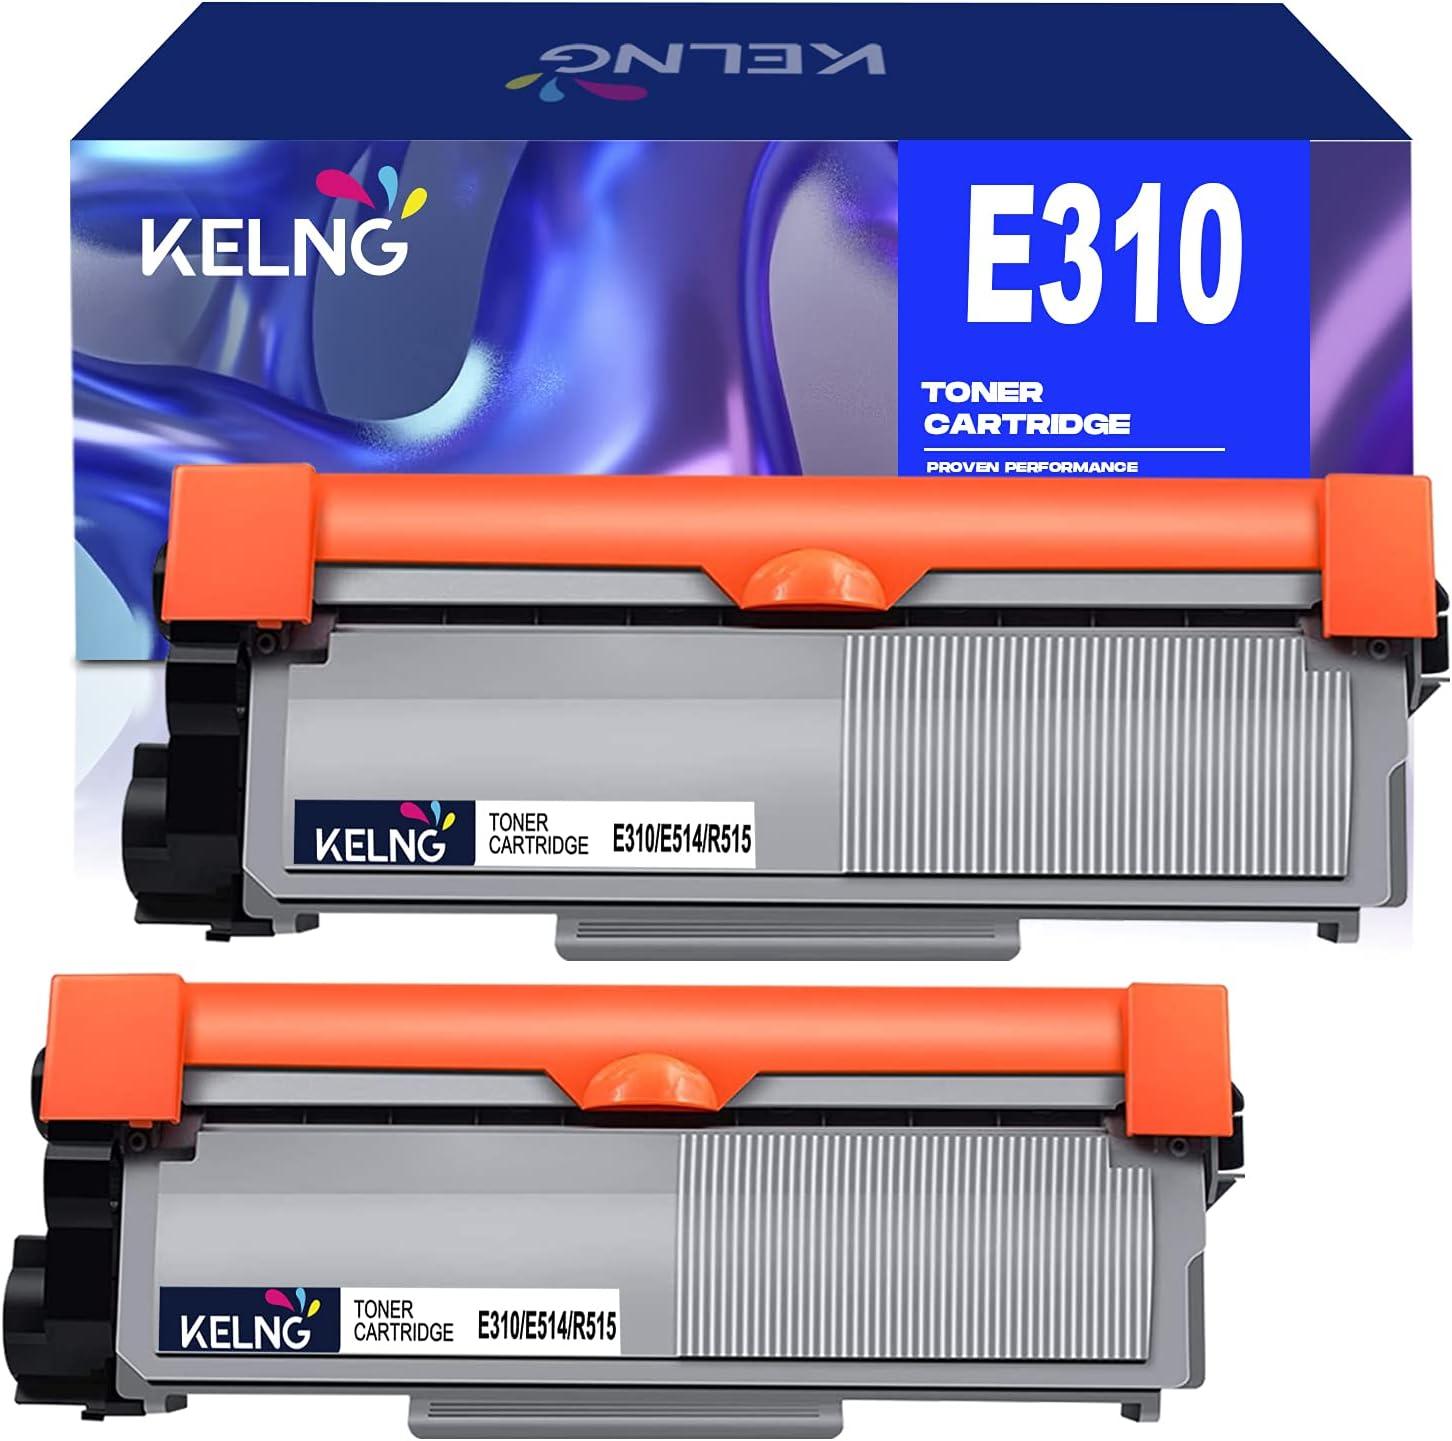 KELNG Compatible Toner Cartridge E310dw Replacement for Dell E310dw P7RMX PVTHG 593-BBKD E310 E514 E515 to use with Wireless Monochrome E310dw E515dw E514dw E515dn Laser Printer Tray (Black, 2 Pack)